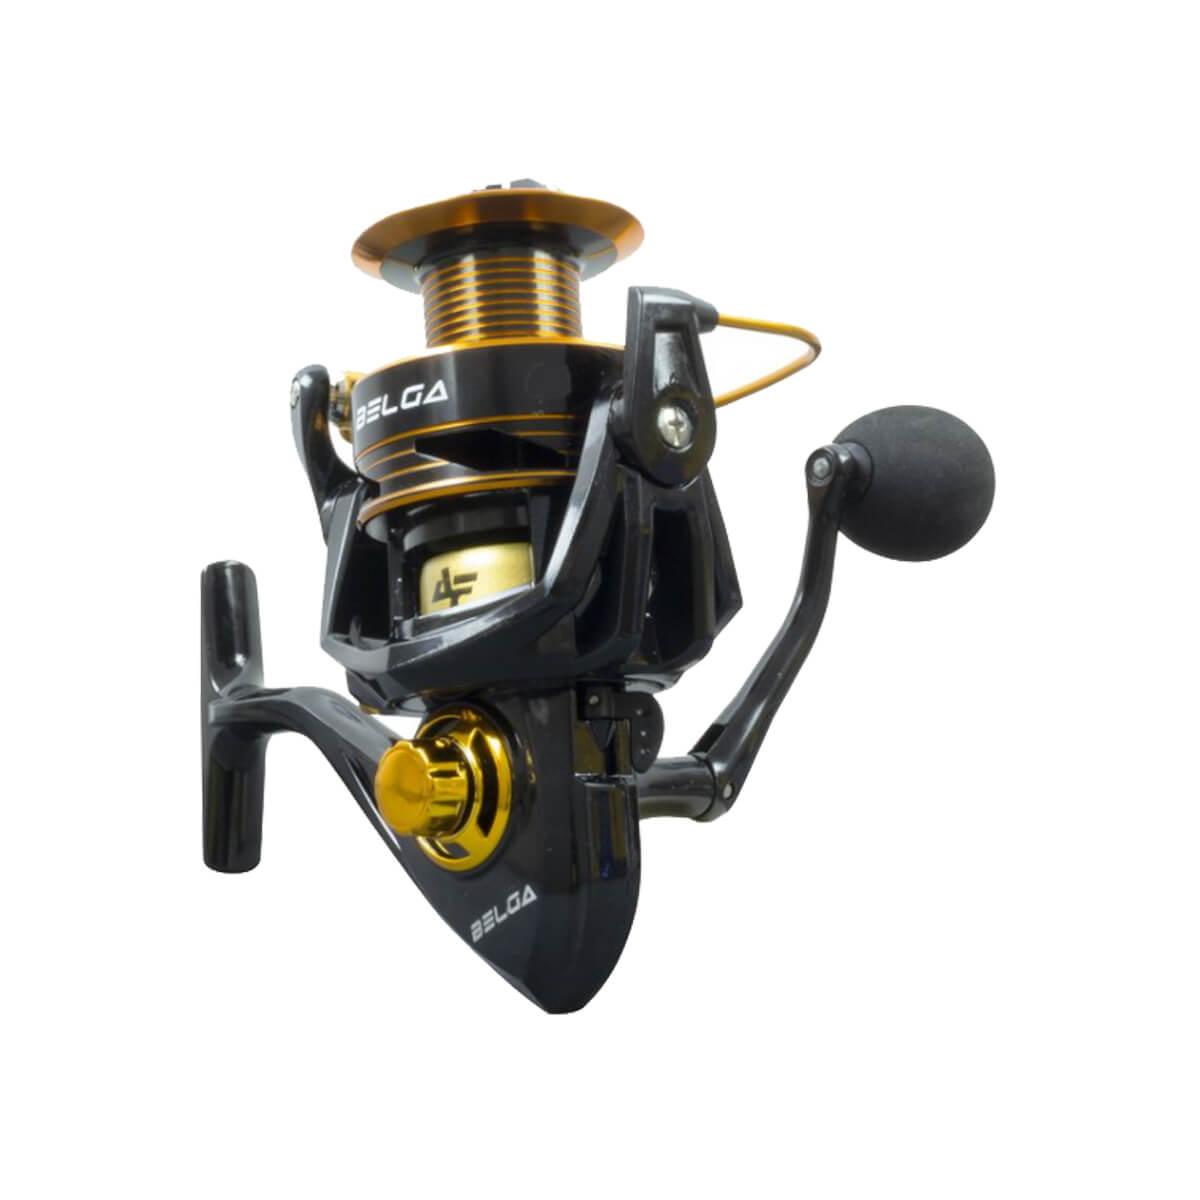 Molinete Albatroz Belga 60  - Pró Pesca Shop